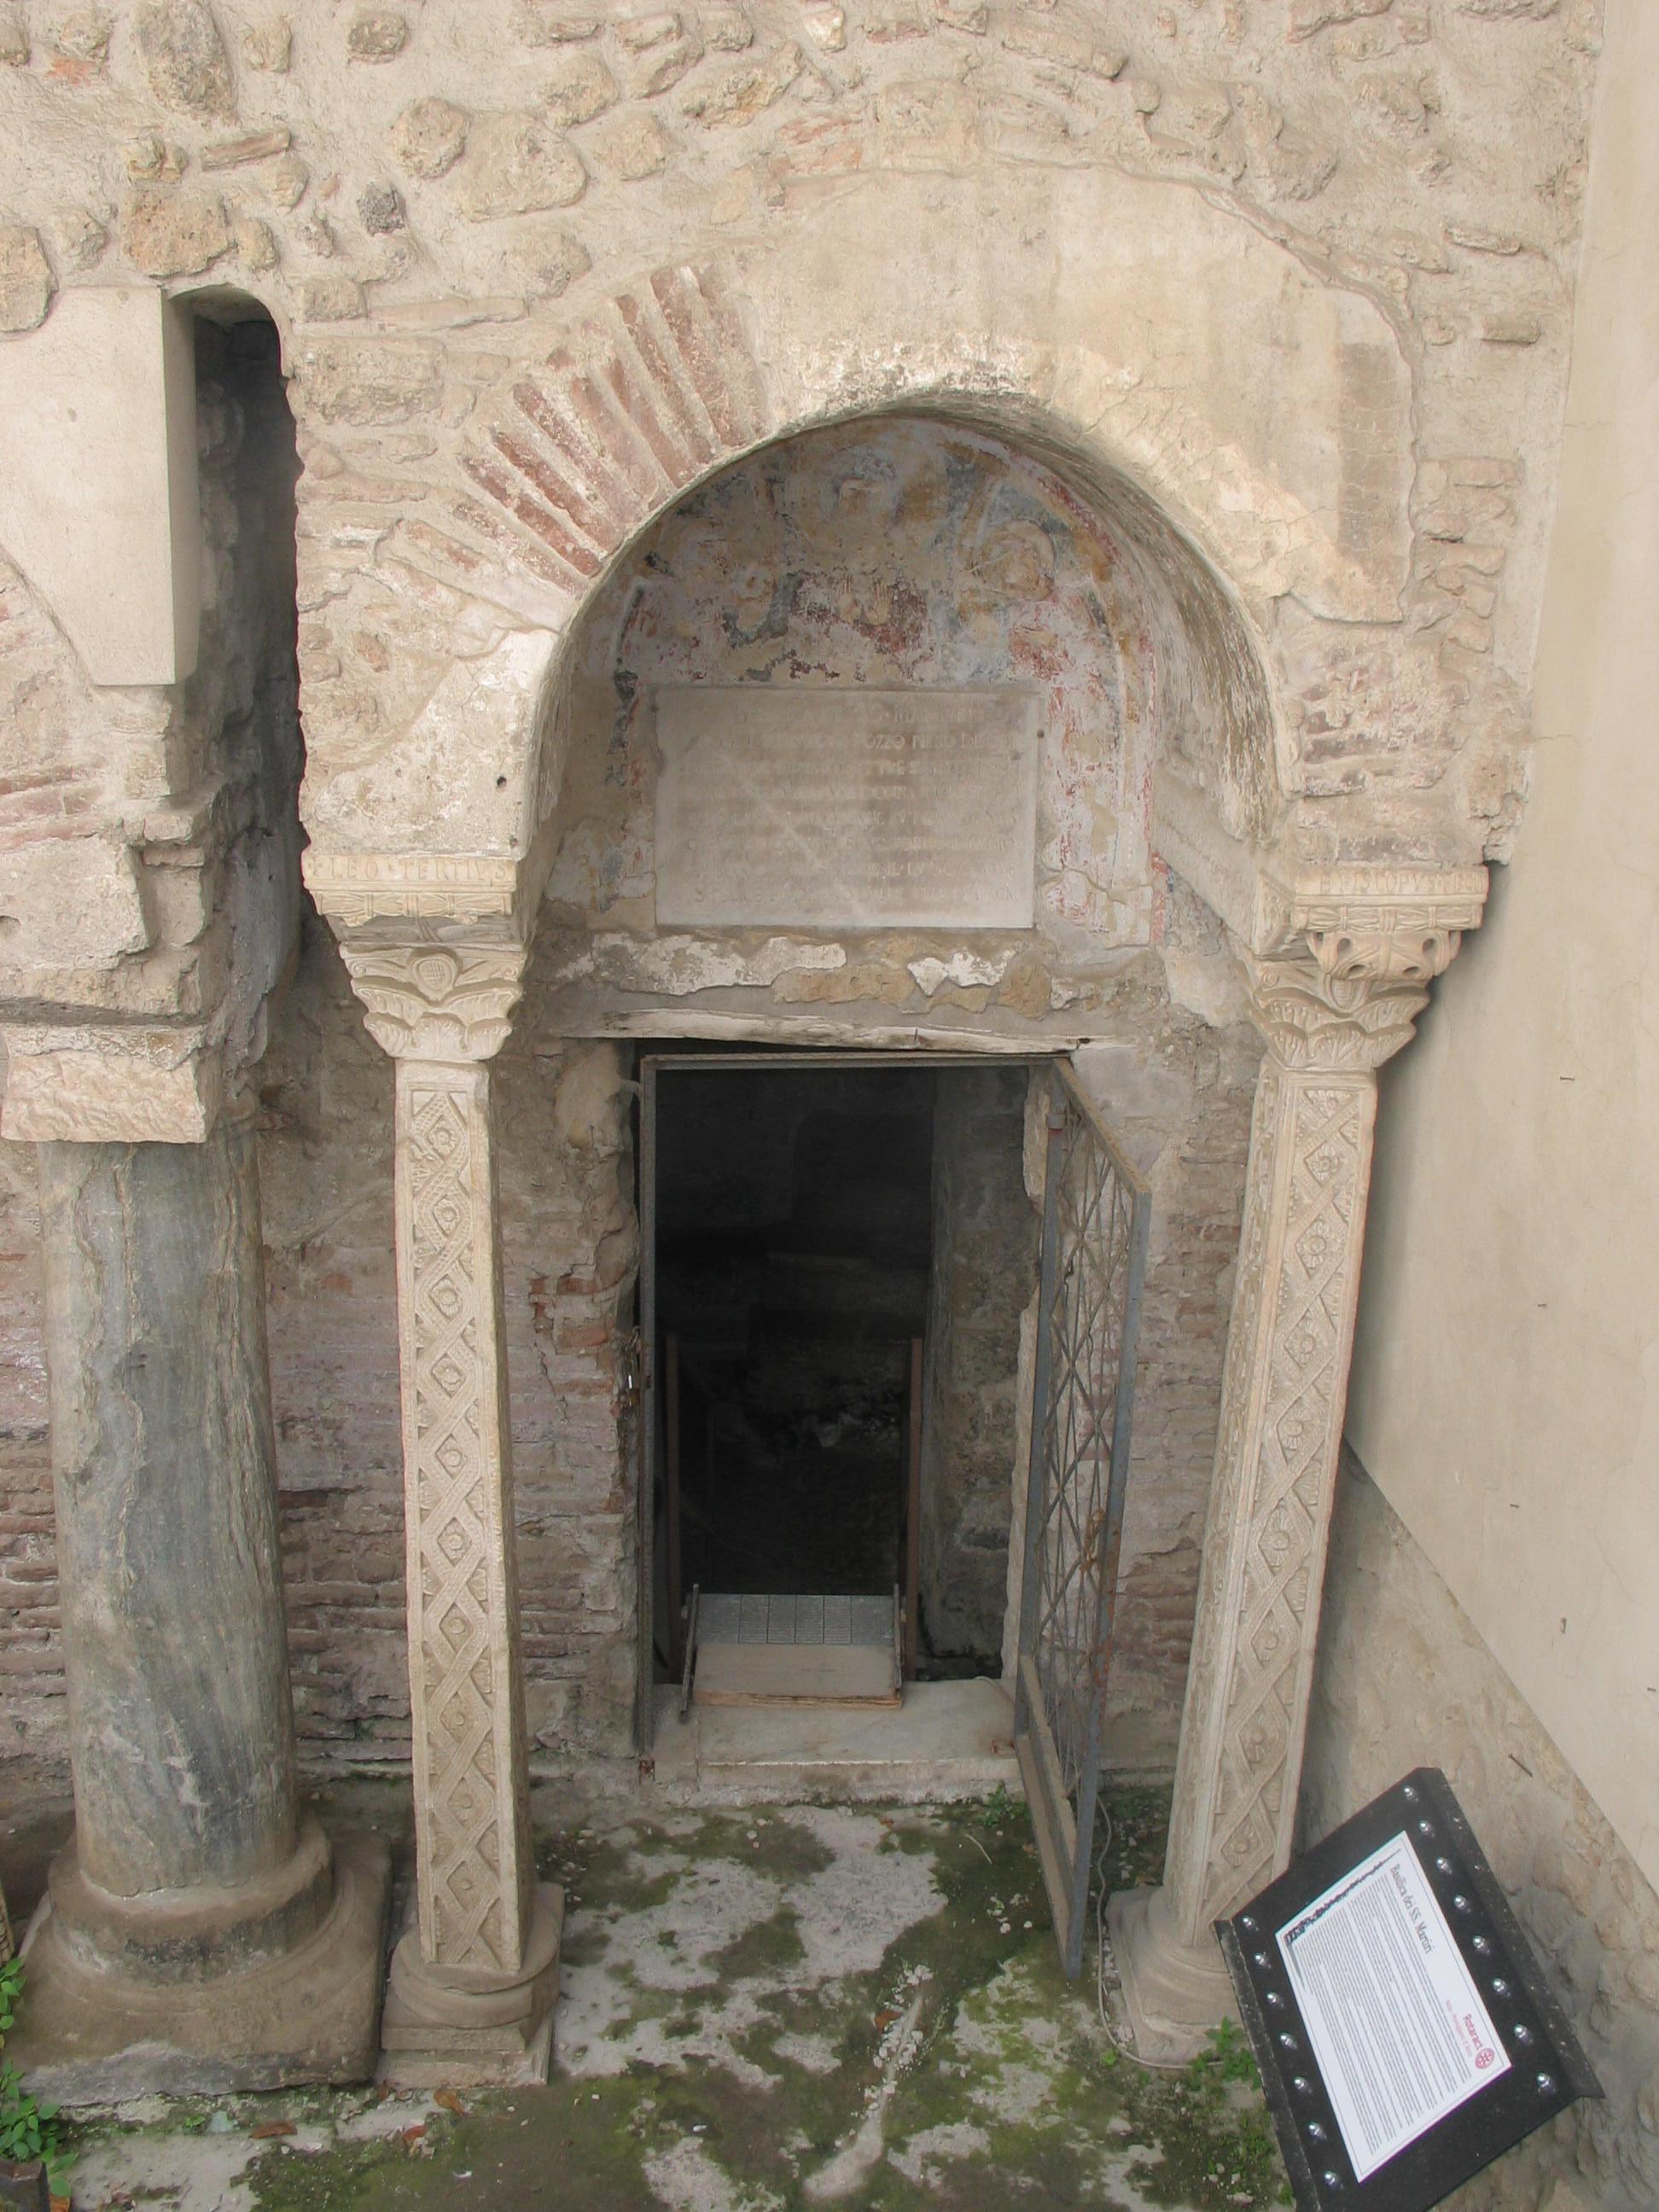 Cimitile Avella e Tufino 044